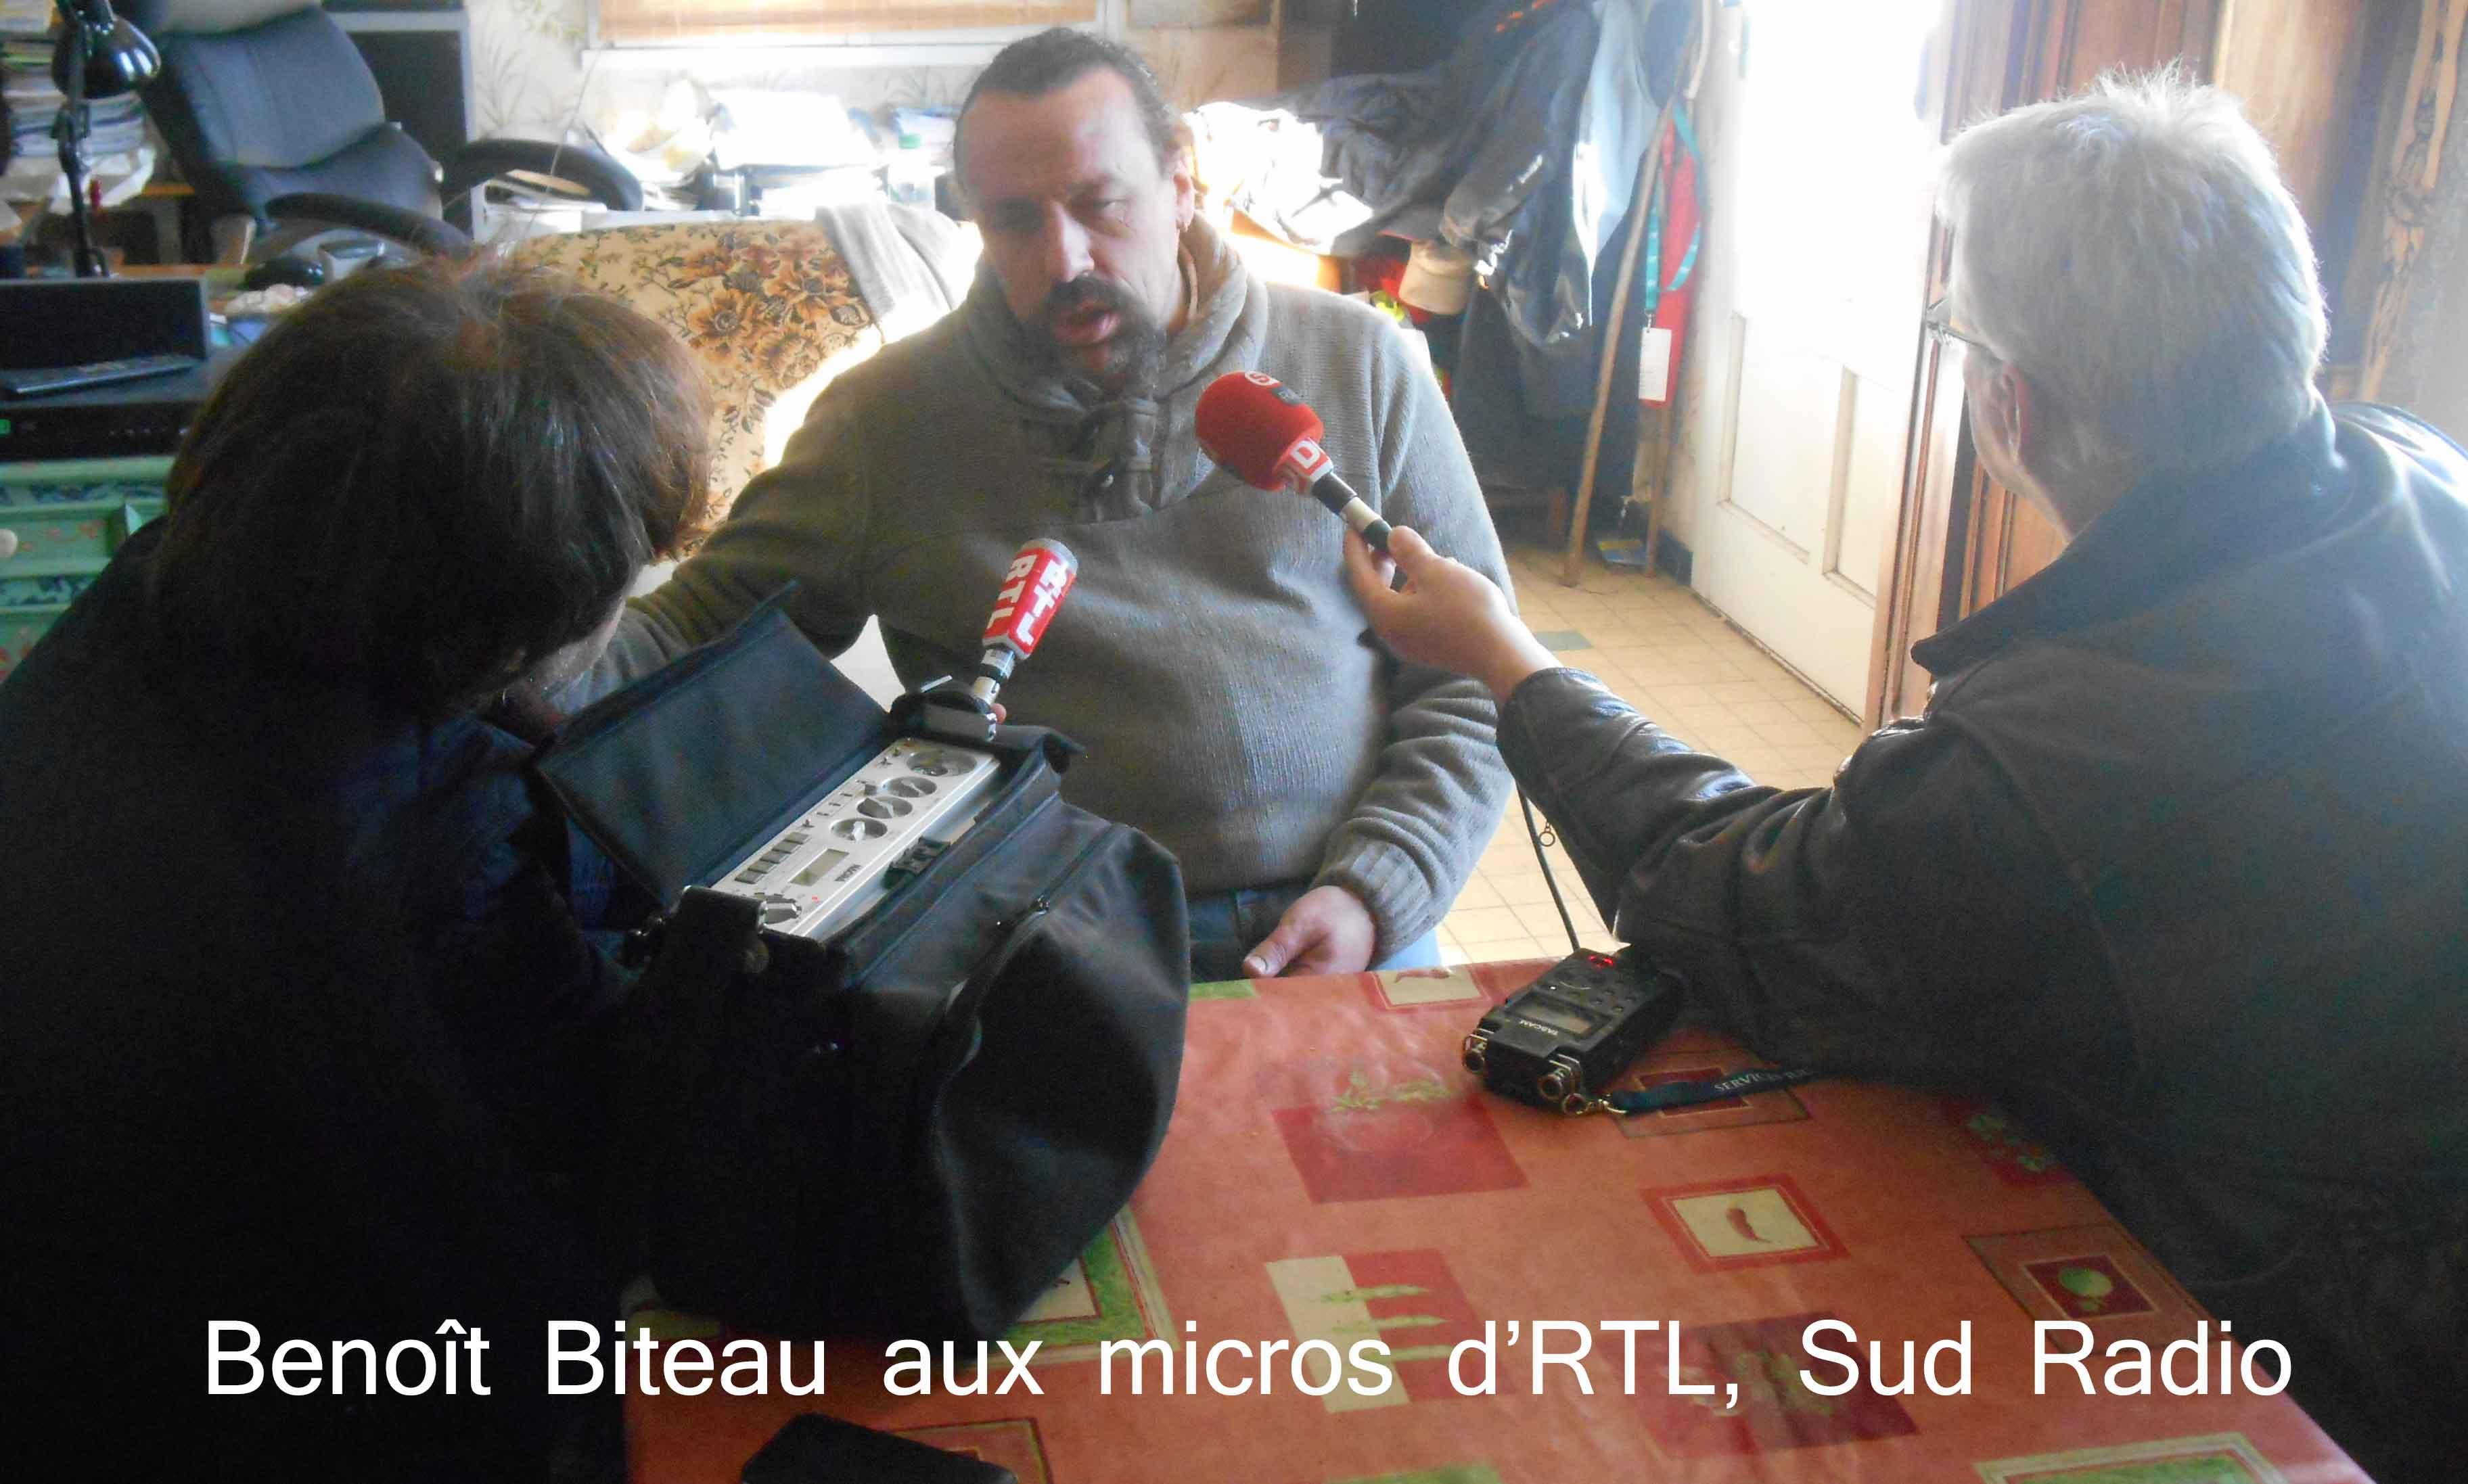 rtl-sud-radio.jpg